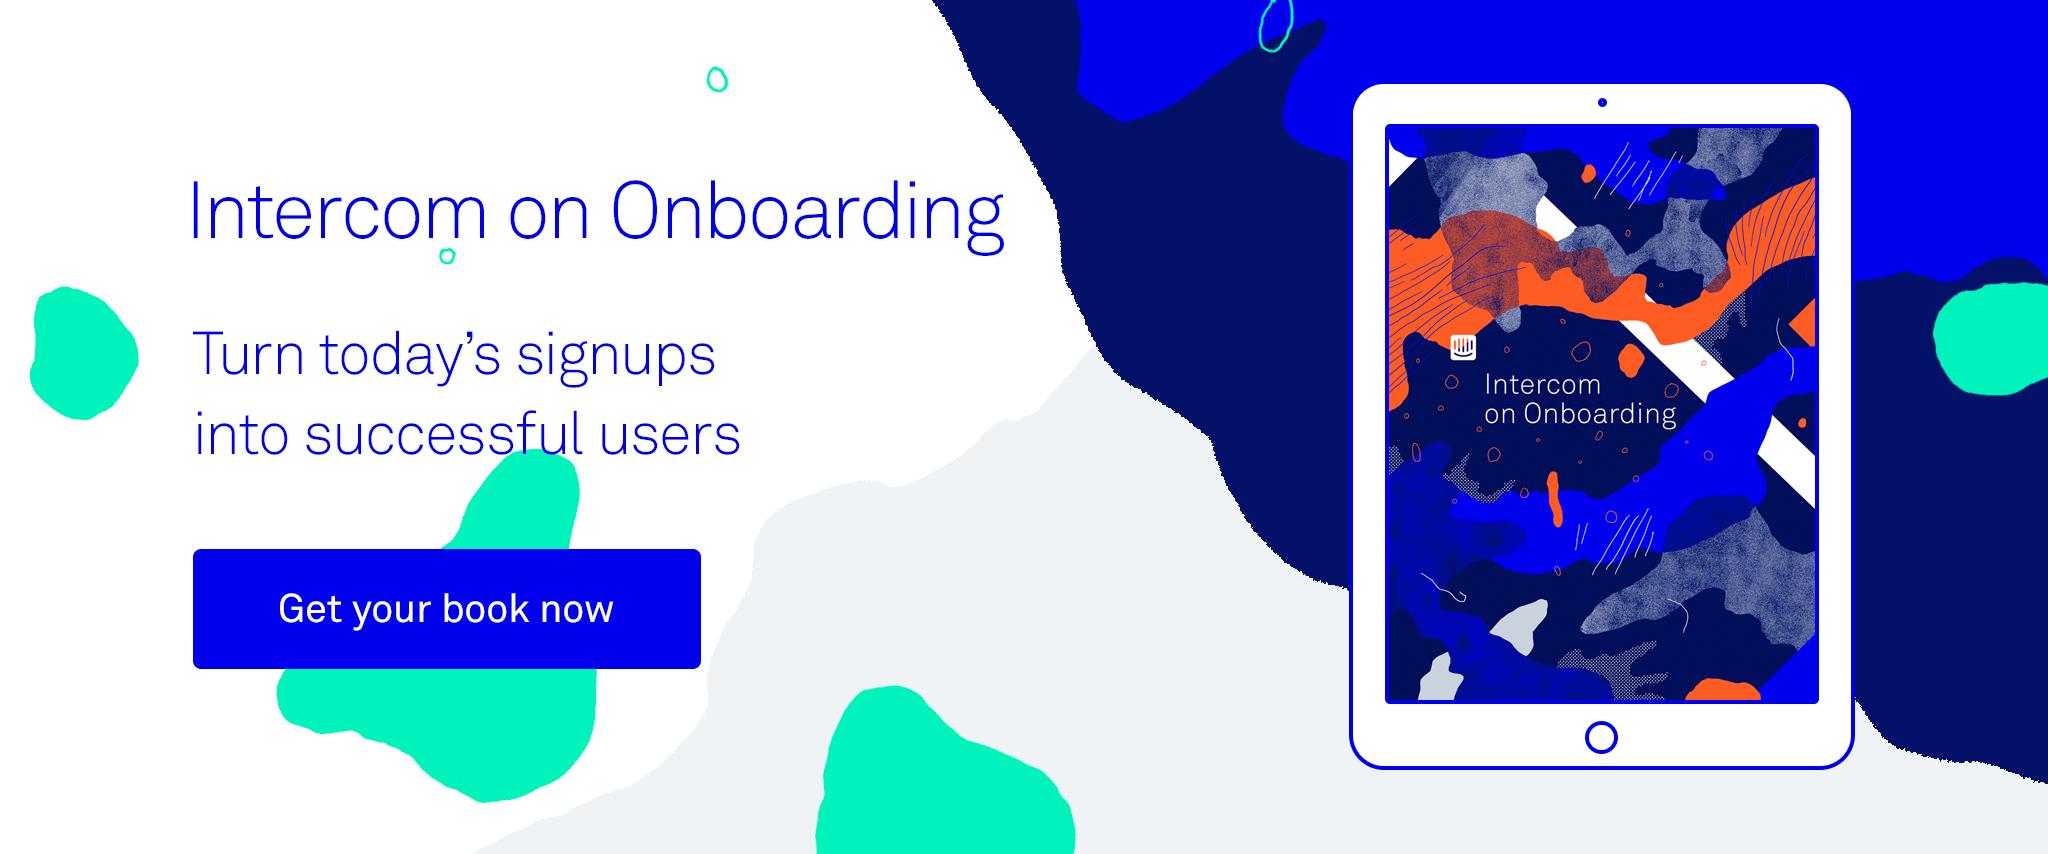 Intercom on Onboarding